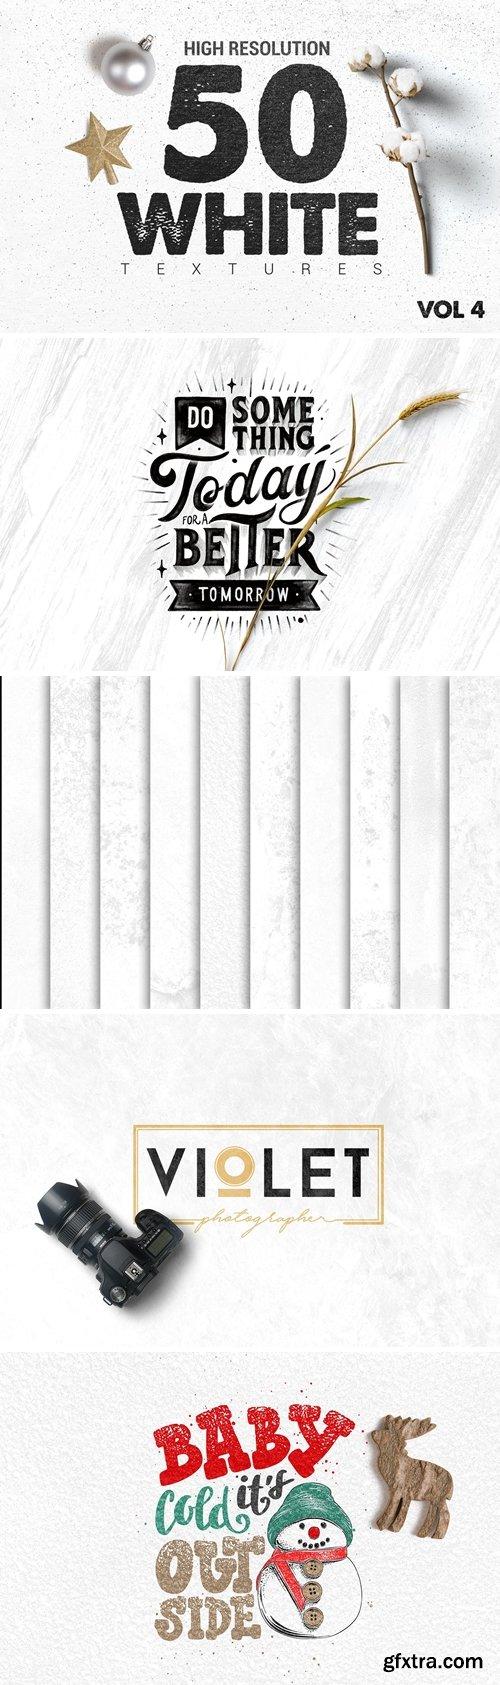 Bundle White Textures Vol4 x50